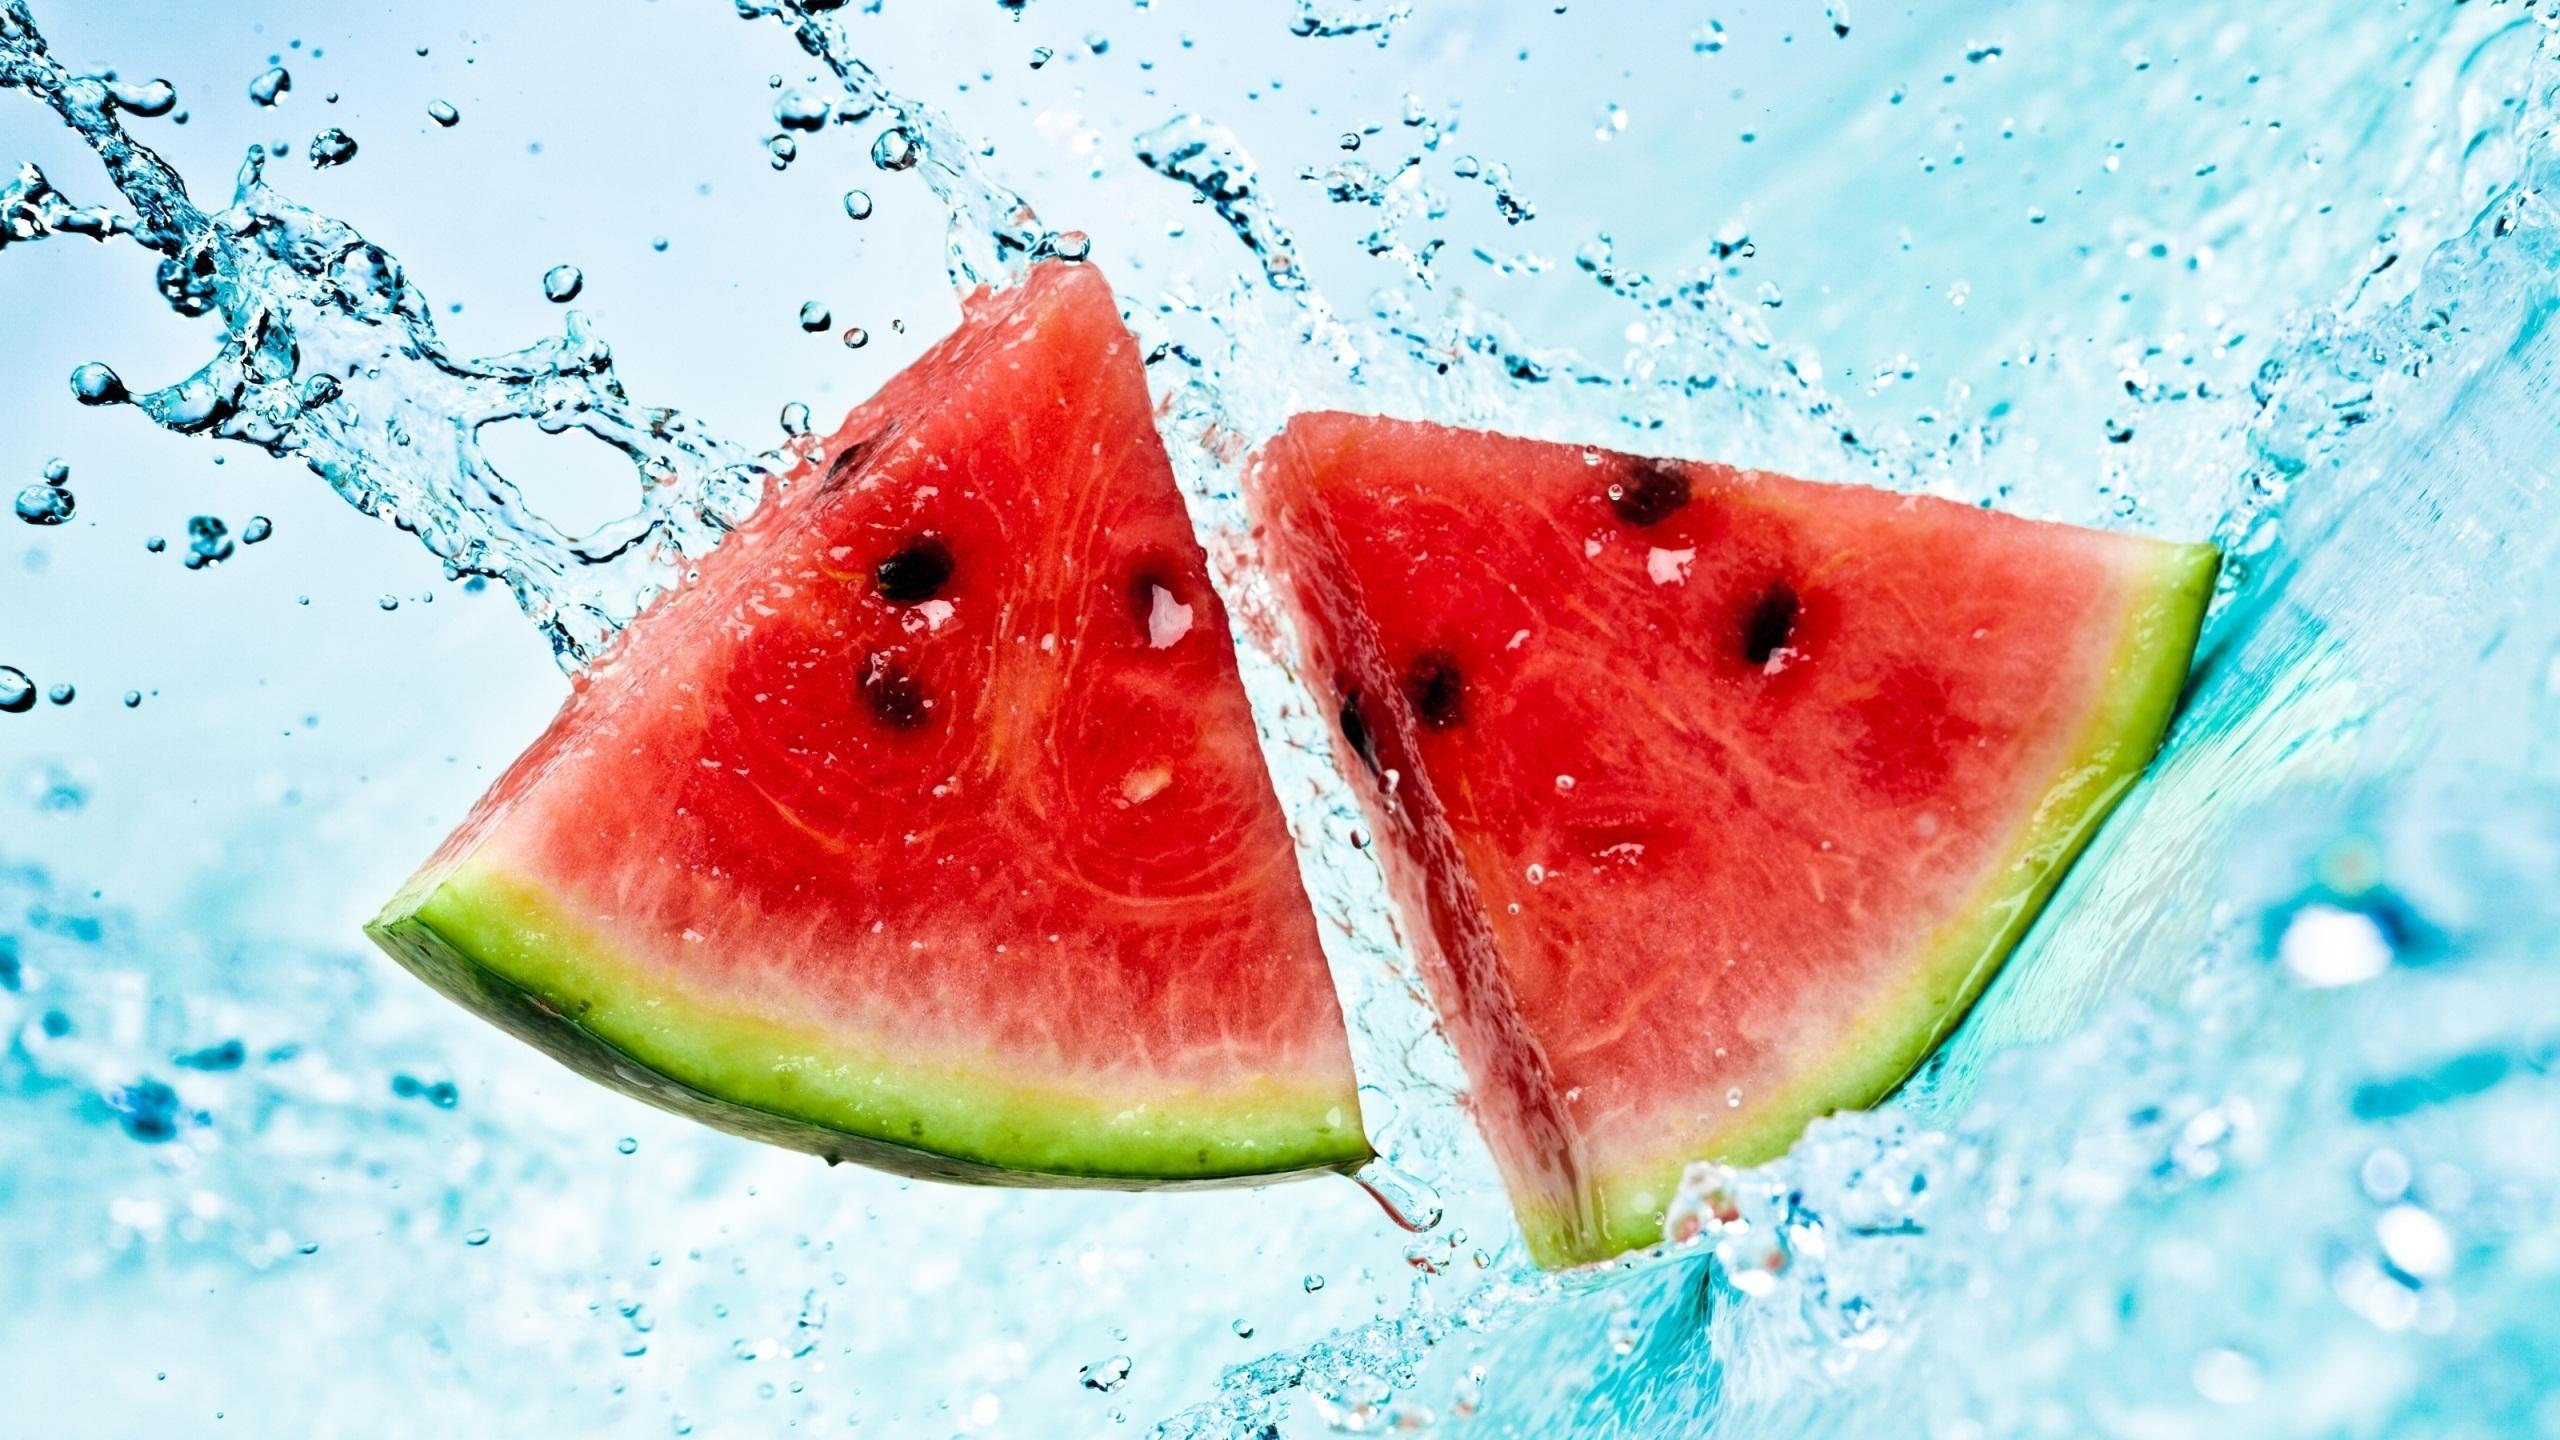 L'anguria contiene circa il 90% di acqua ed è un frutto molto dissetante